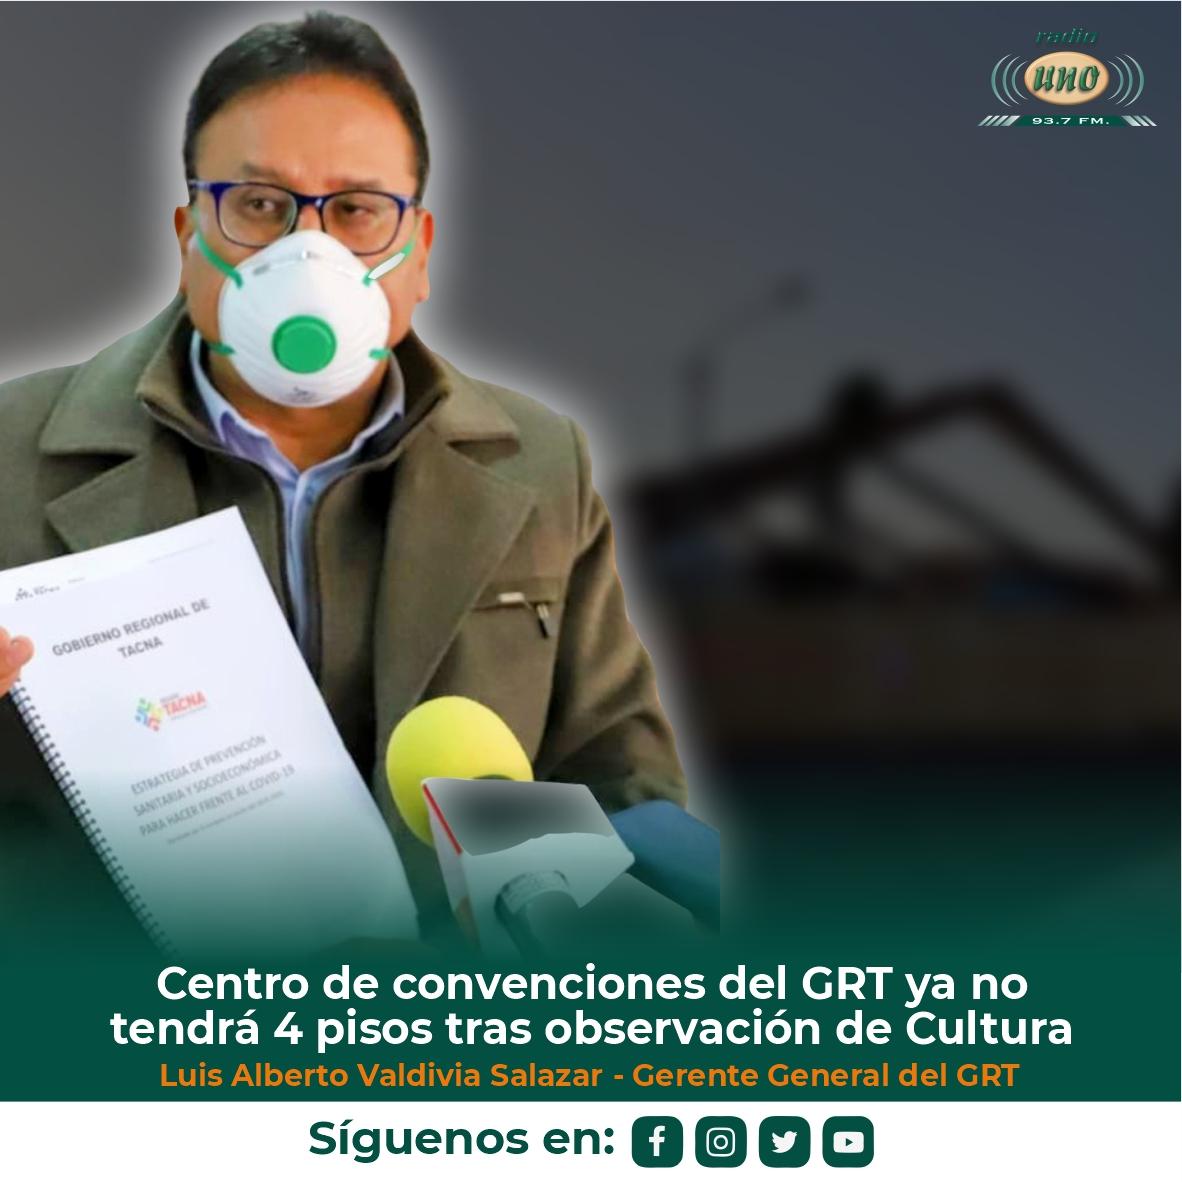 Centro de convenciones del GRT ya no tendrá 4 pisos tras observación de Cultura